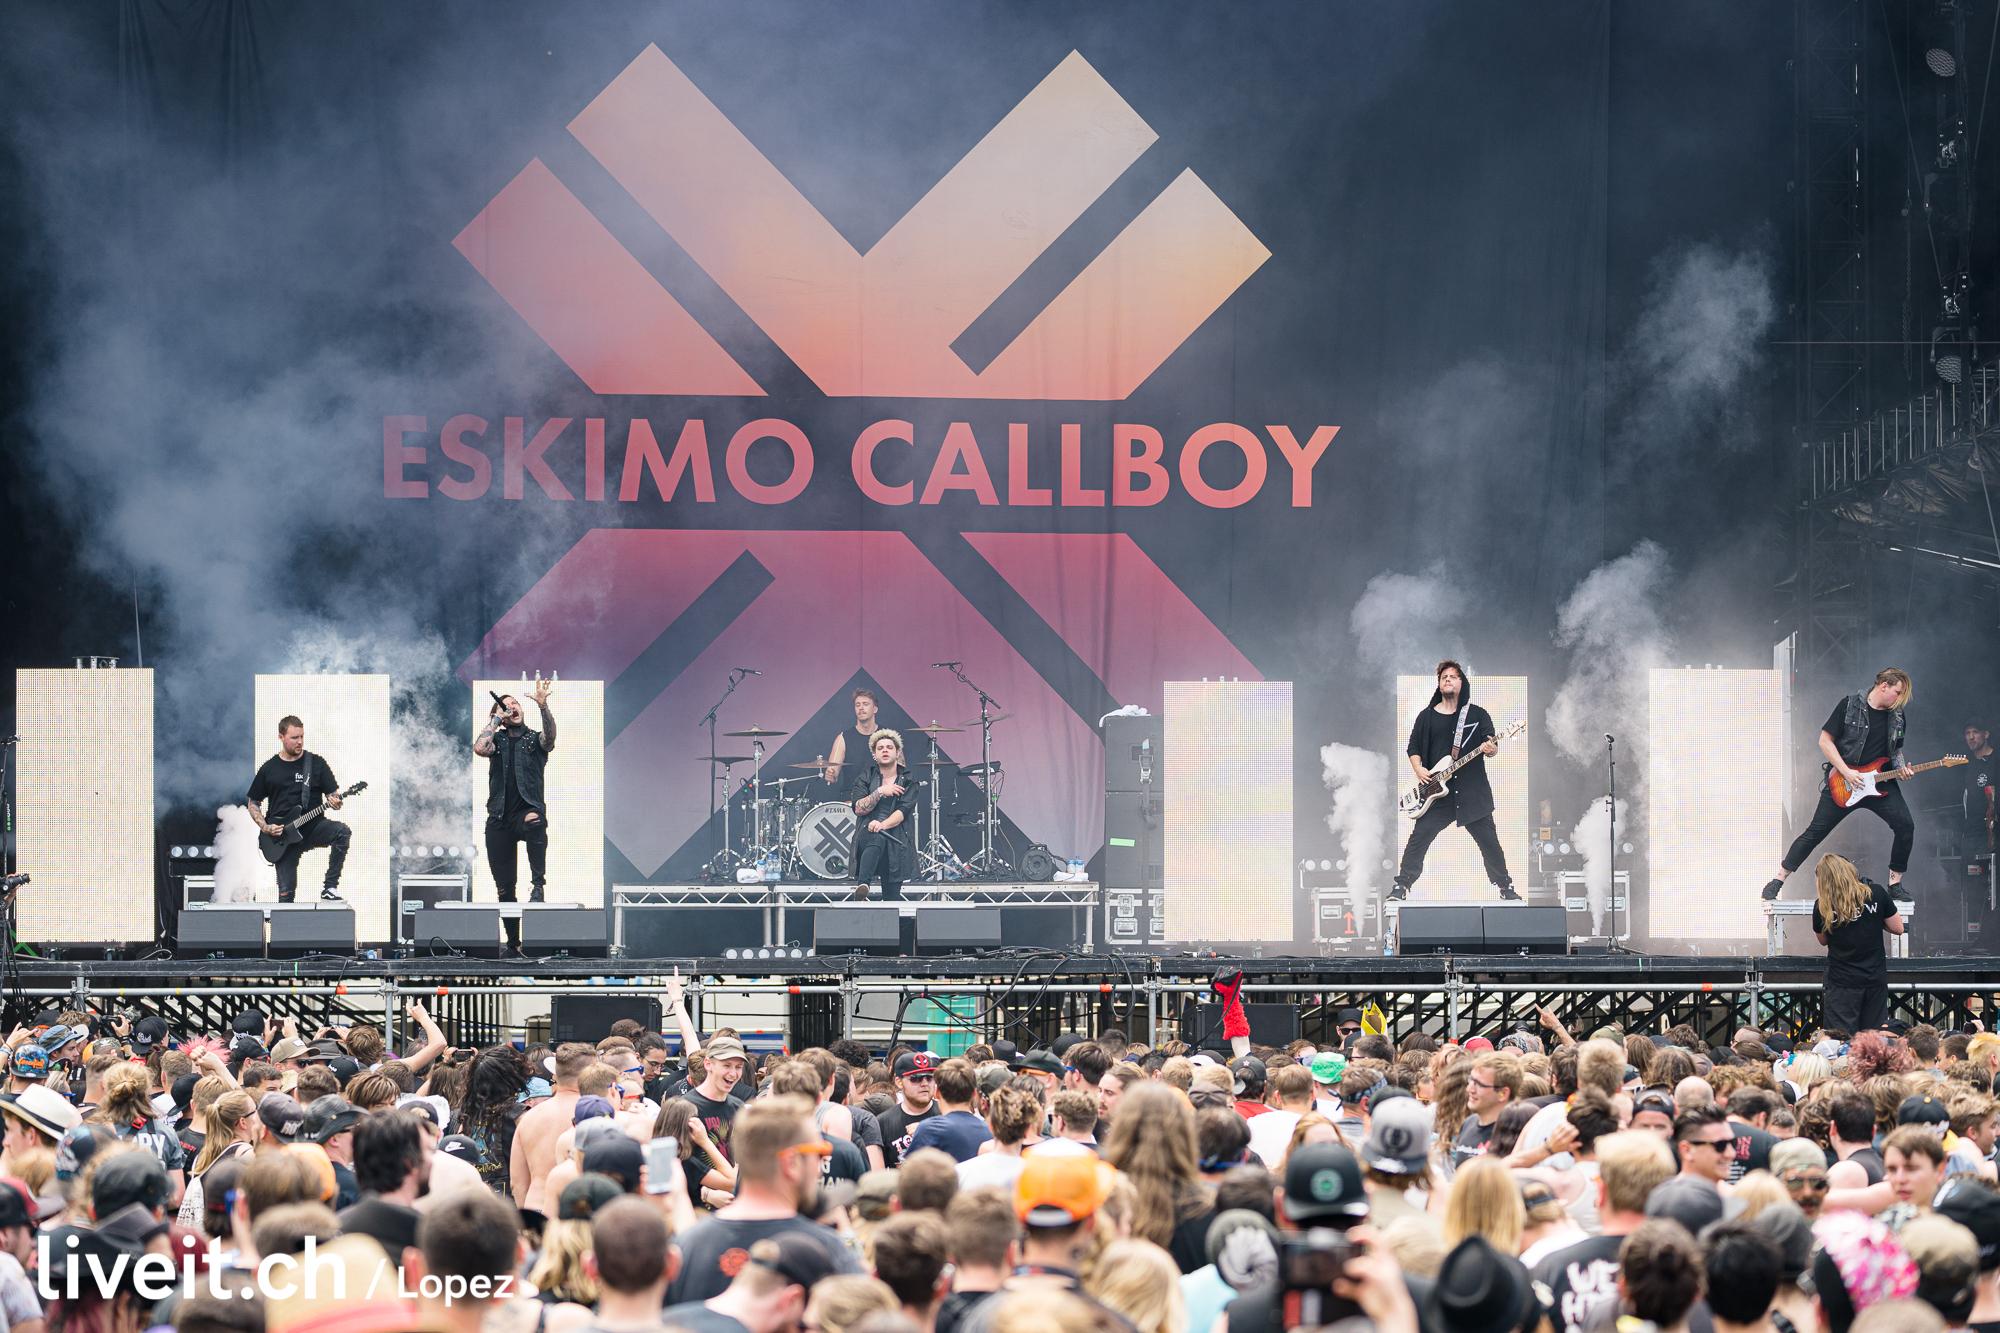 SCHWEIZ GREENFIELD FESTIVAL 2019 Eskimo Callboy